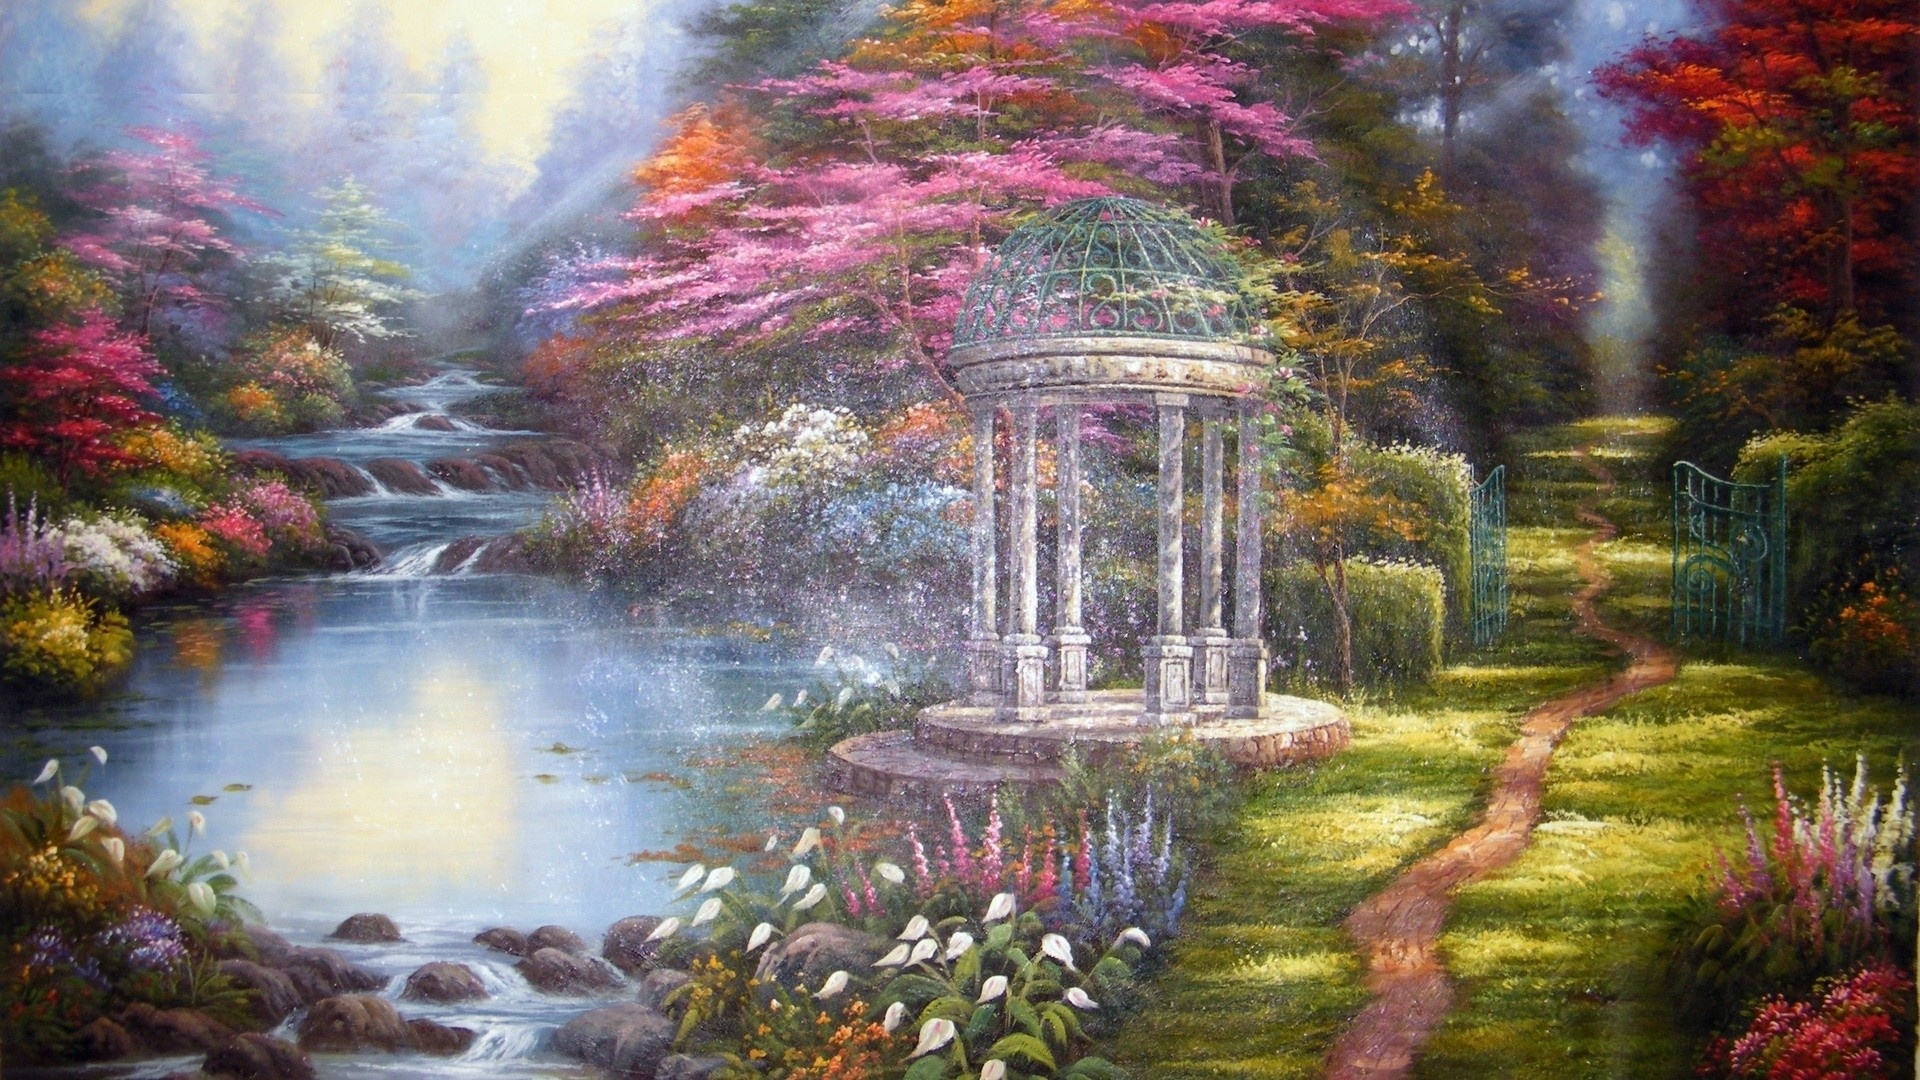 Garden Art Wallpaper